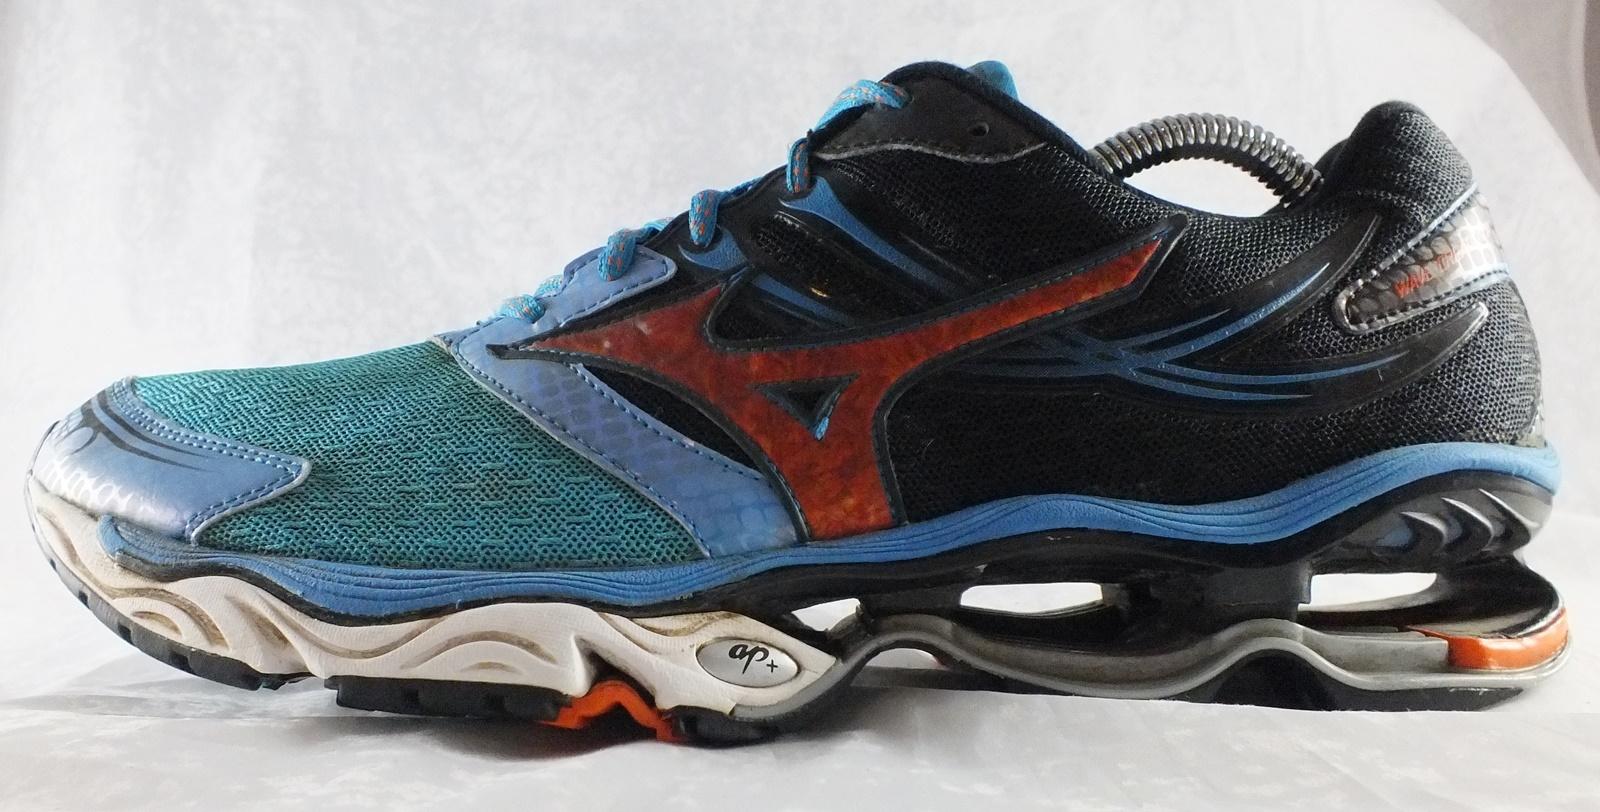 Mizuno Wave Creation 4 Buty Sportowe rozm. 45